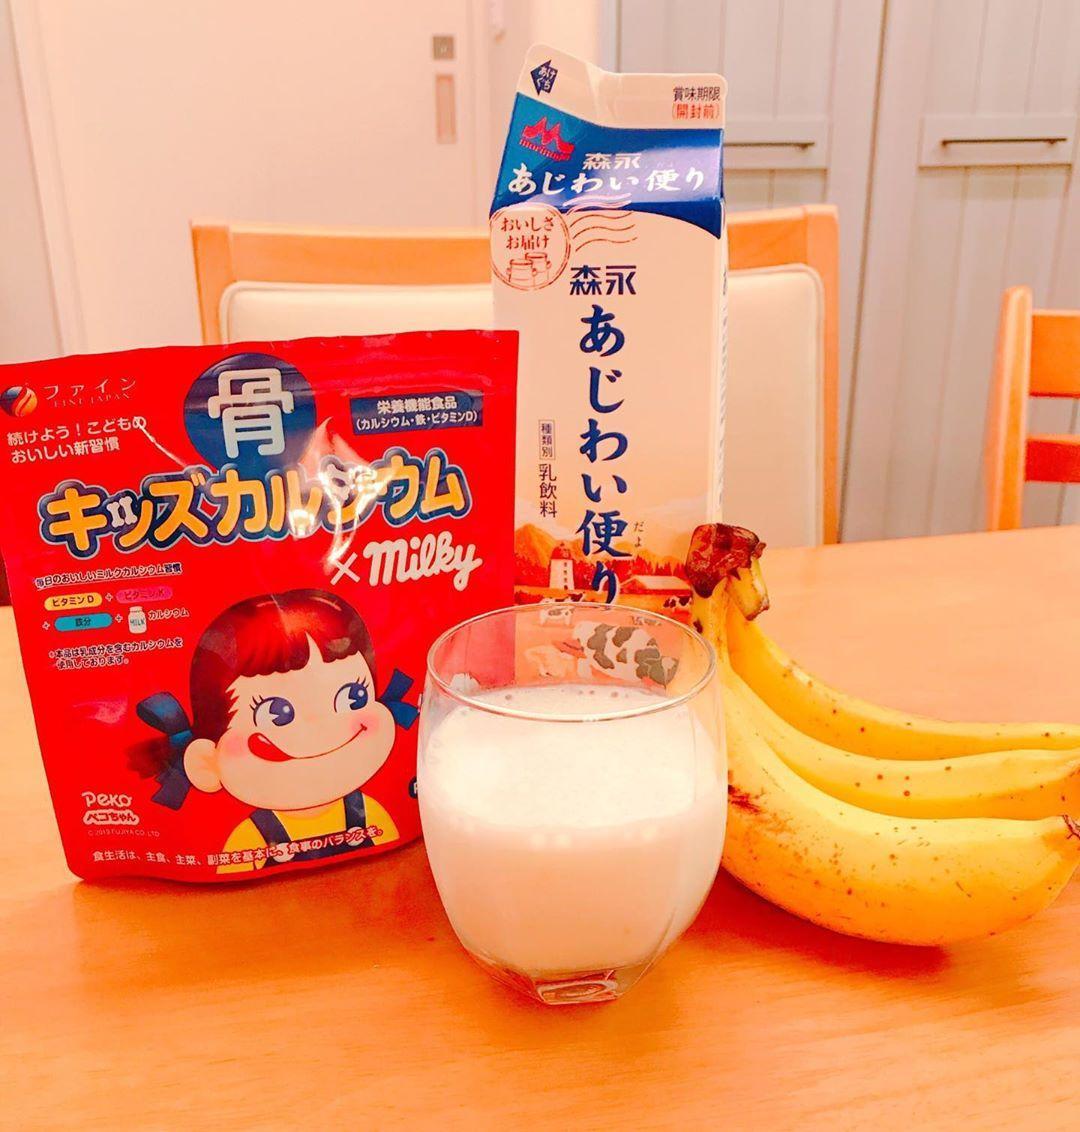 Bột cá tuyết bổ sung canxi Fine Japan cho trẻ em 100g - Phiên bản đặc biệt  Milky | tokyobaby .vn